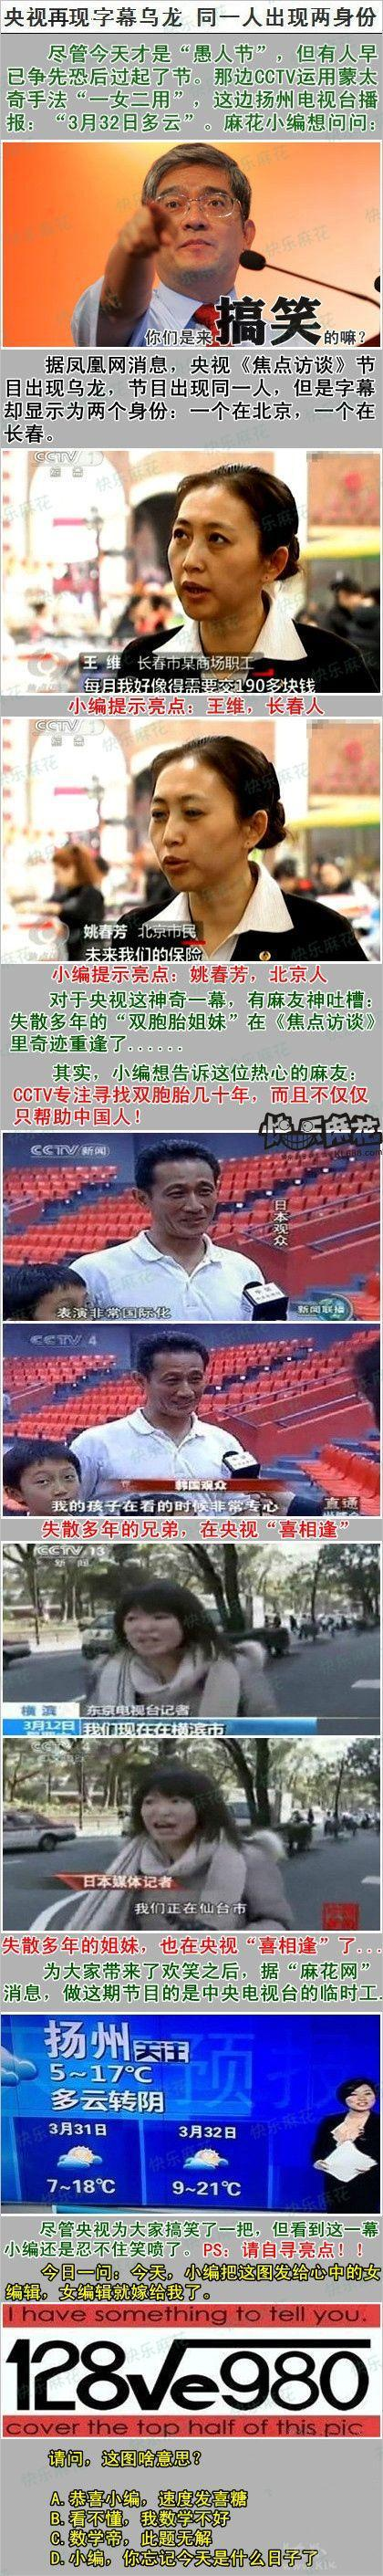 【资讯也搞笑】愚人节前夕,CCTV先行搞笑